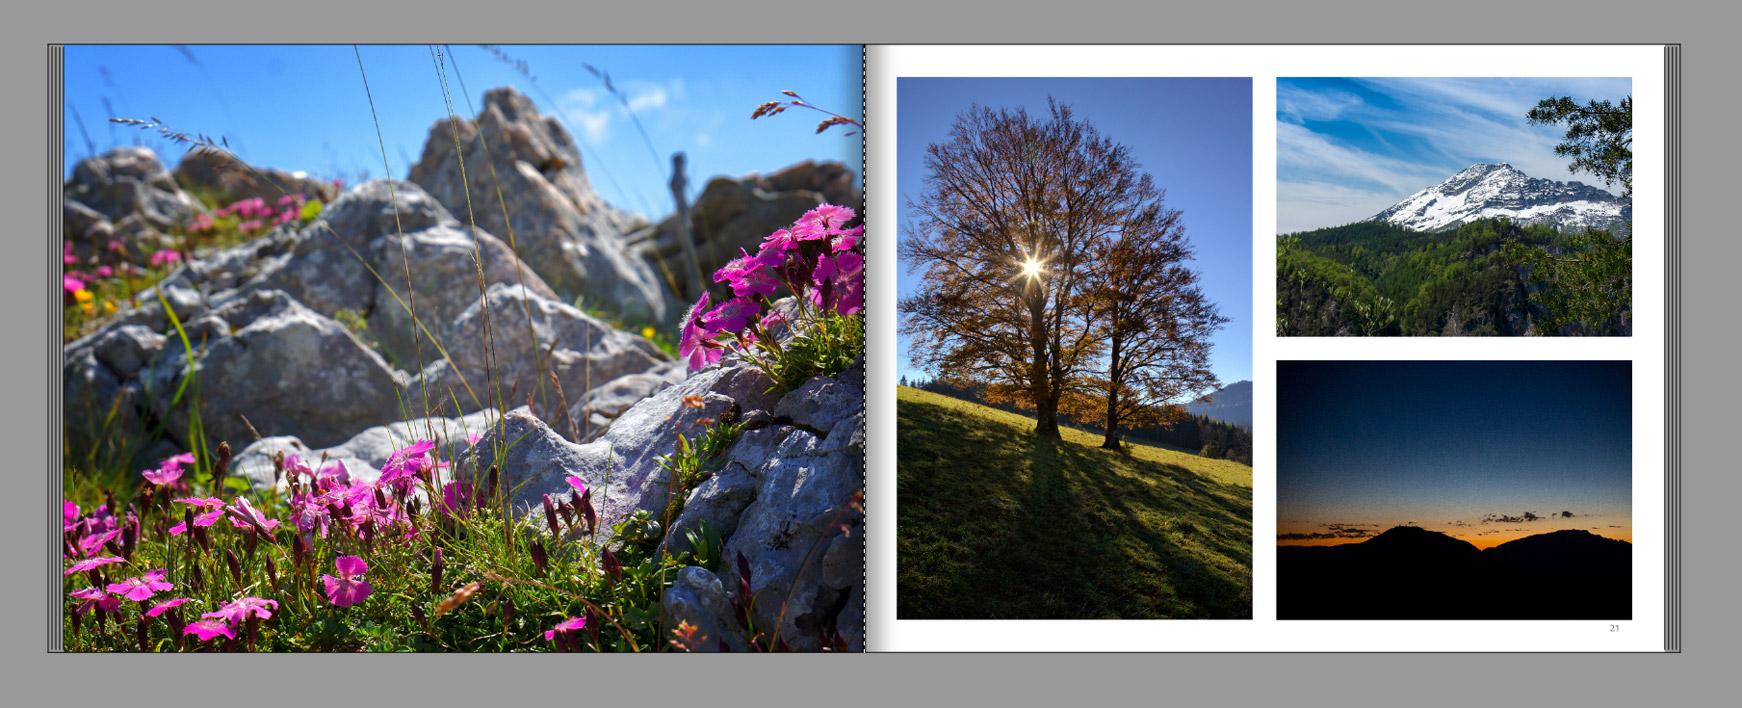 Mariazellerland-Fotobuch-Almen